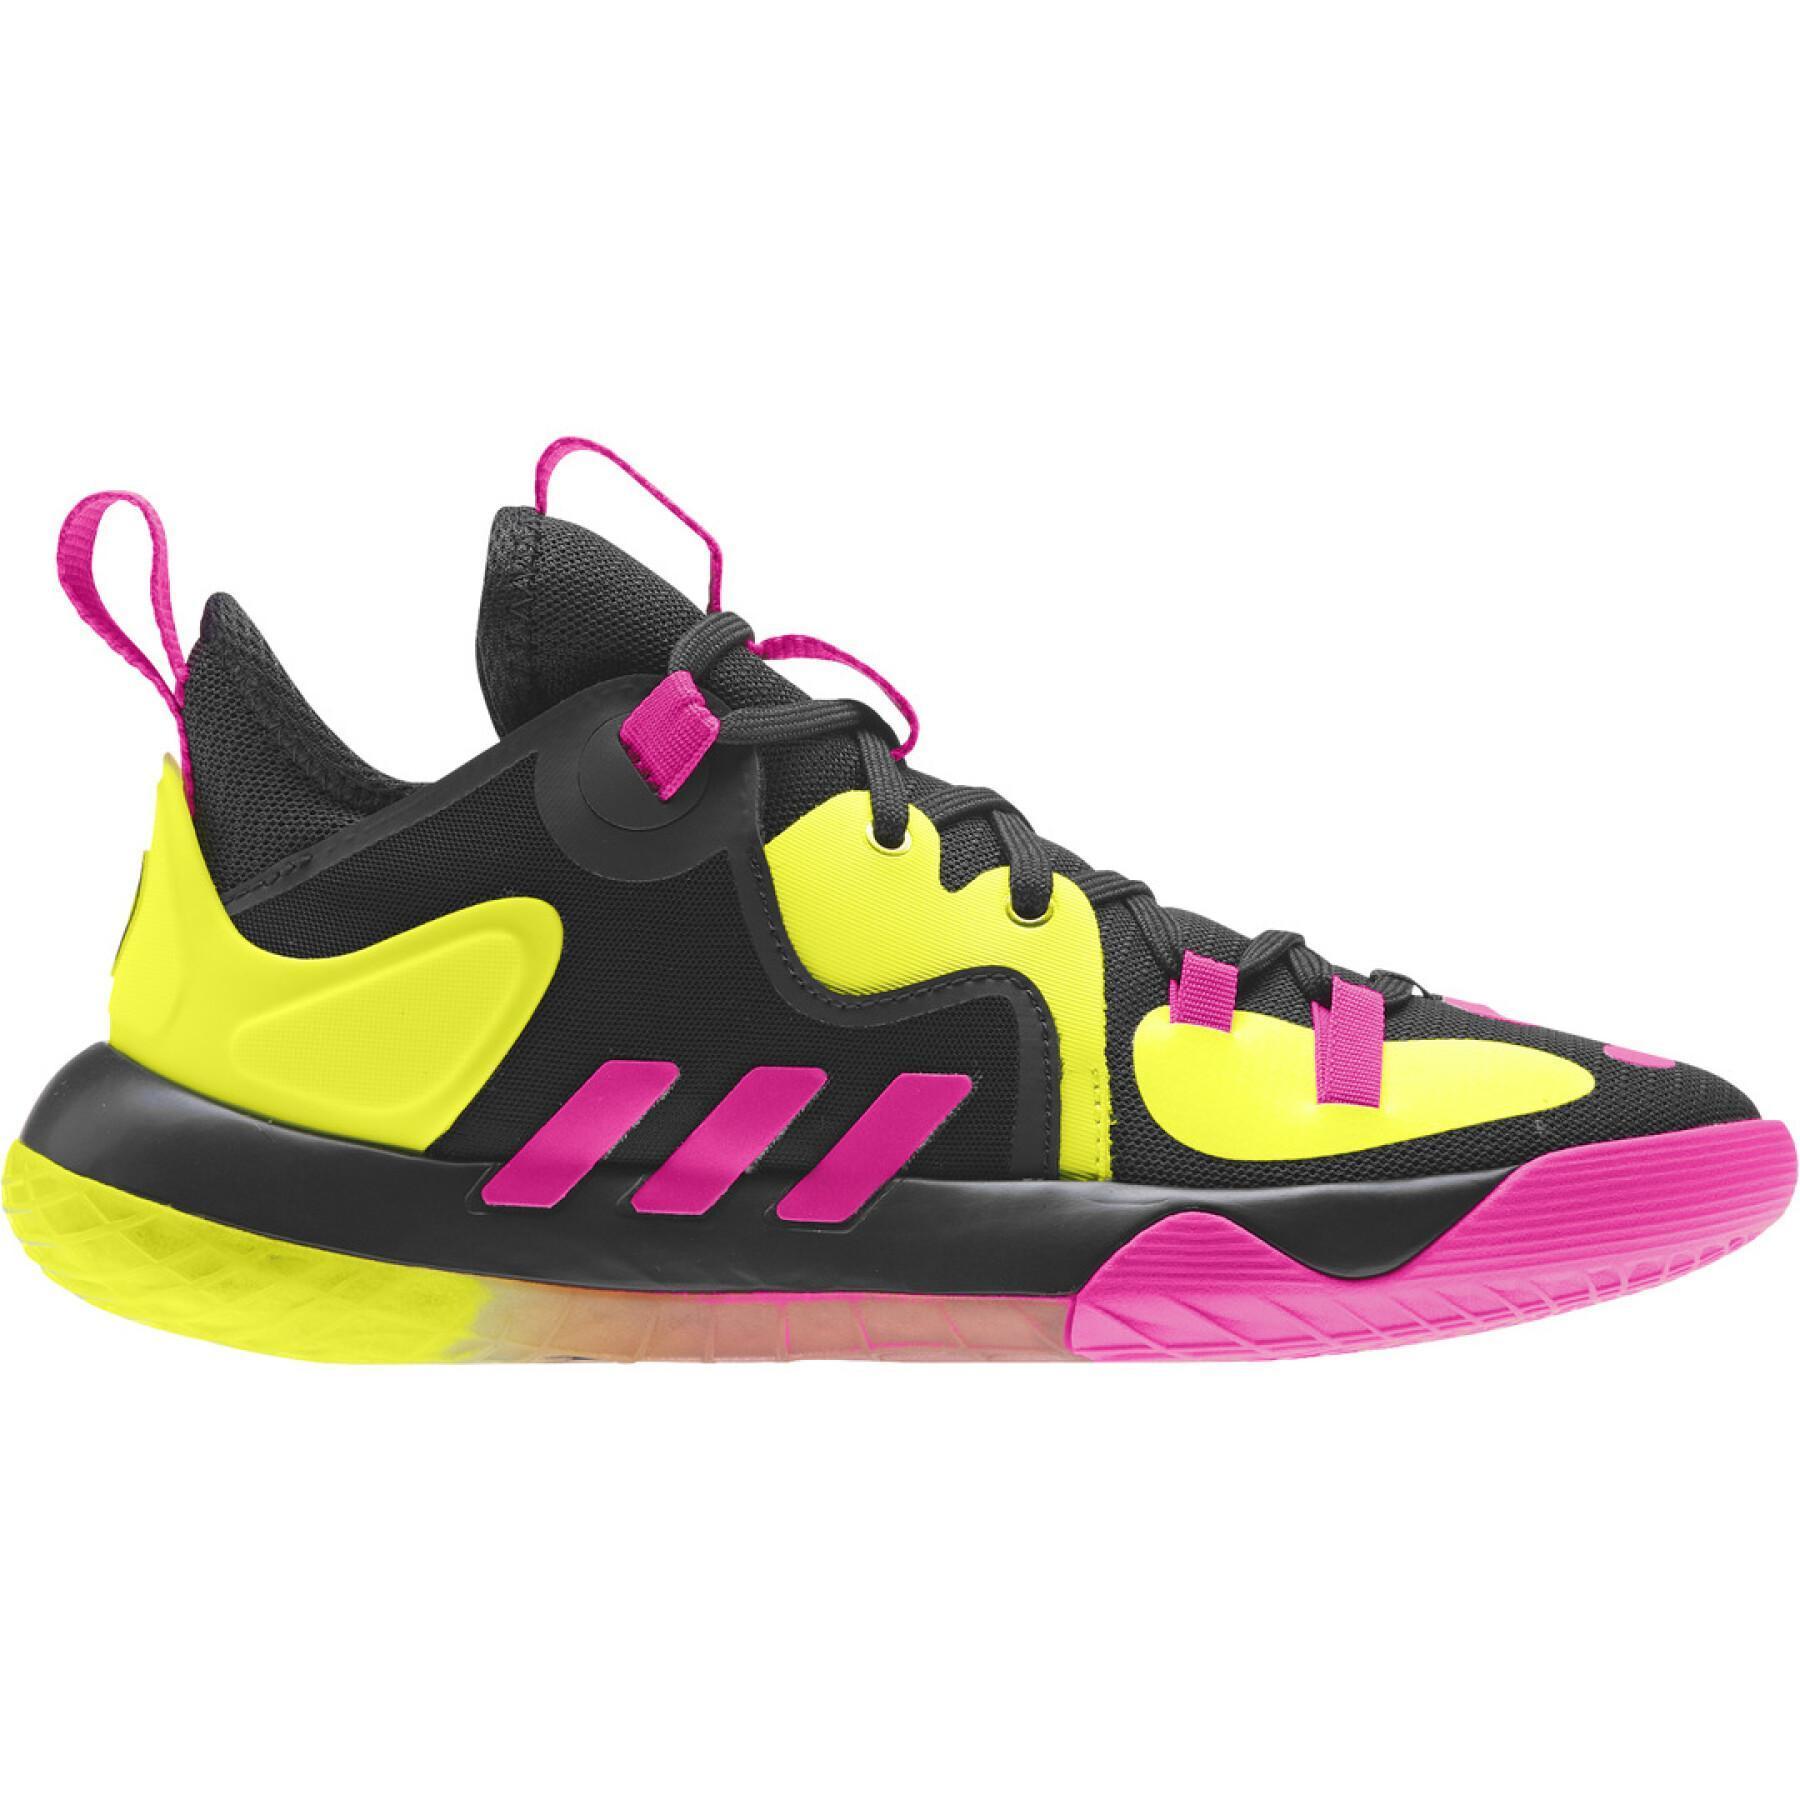 Children's shoes Adidas Harden Stepback 2.0